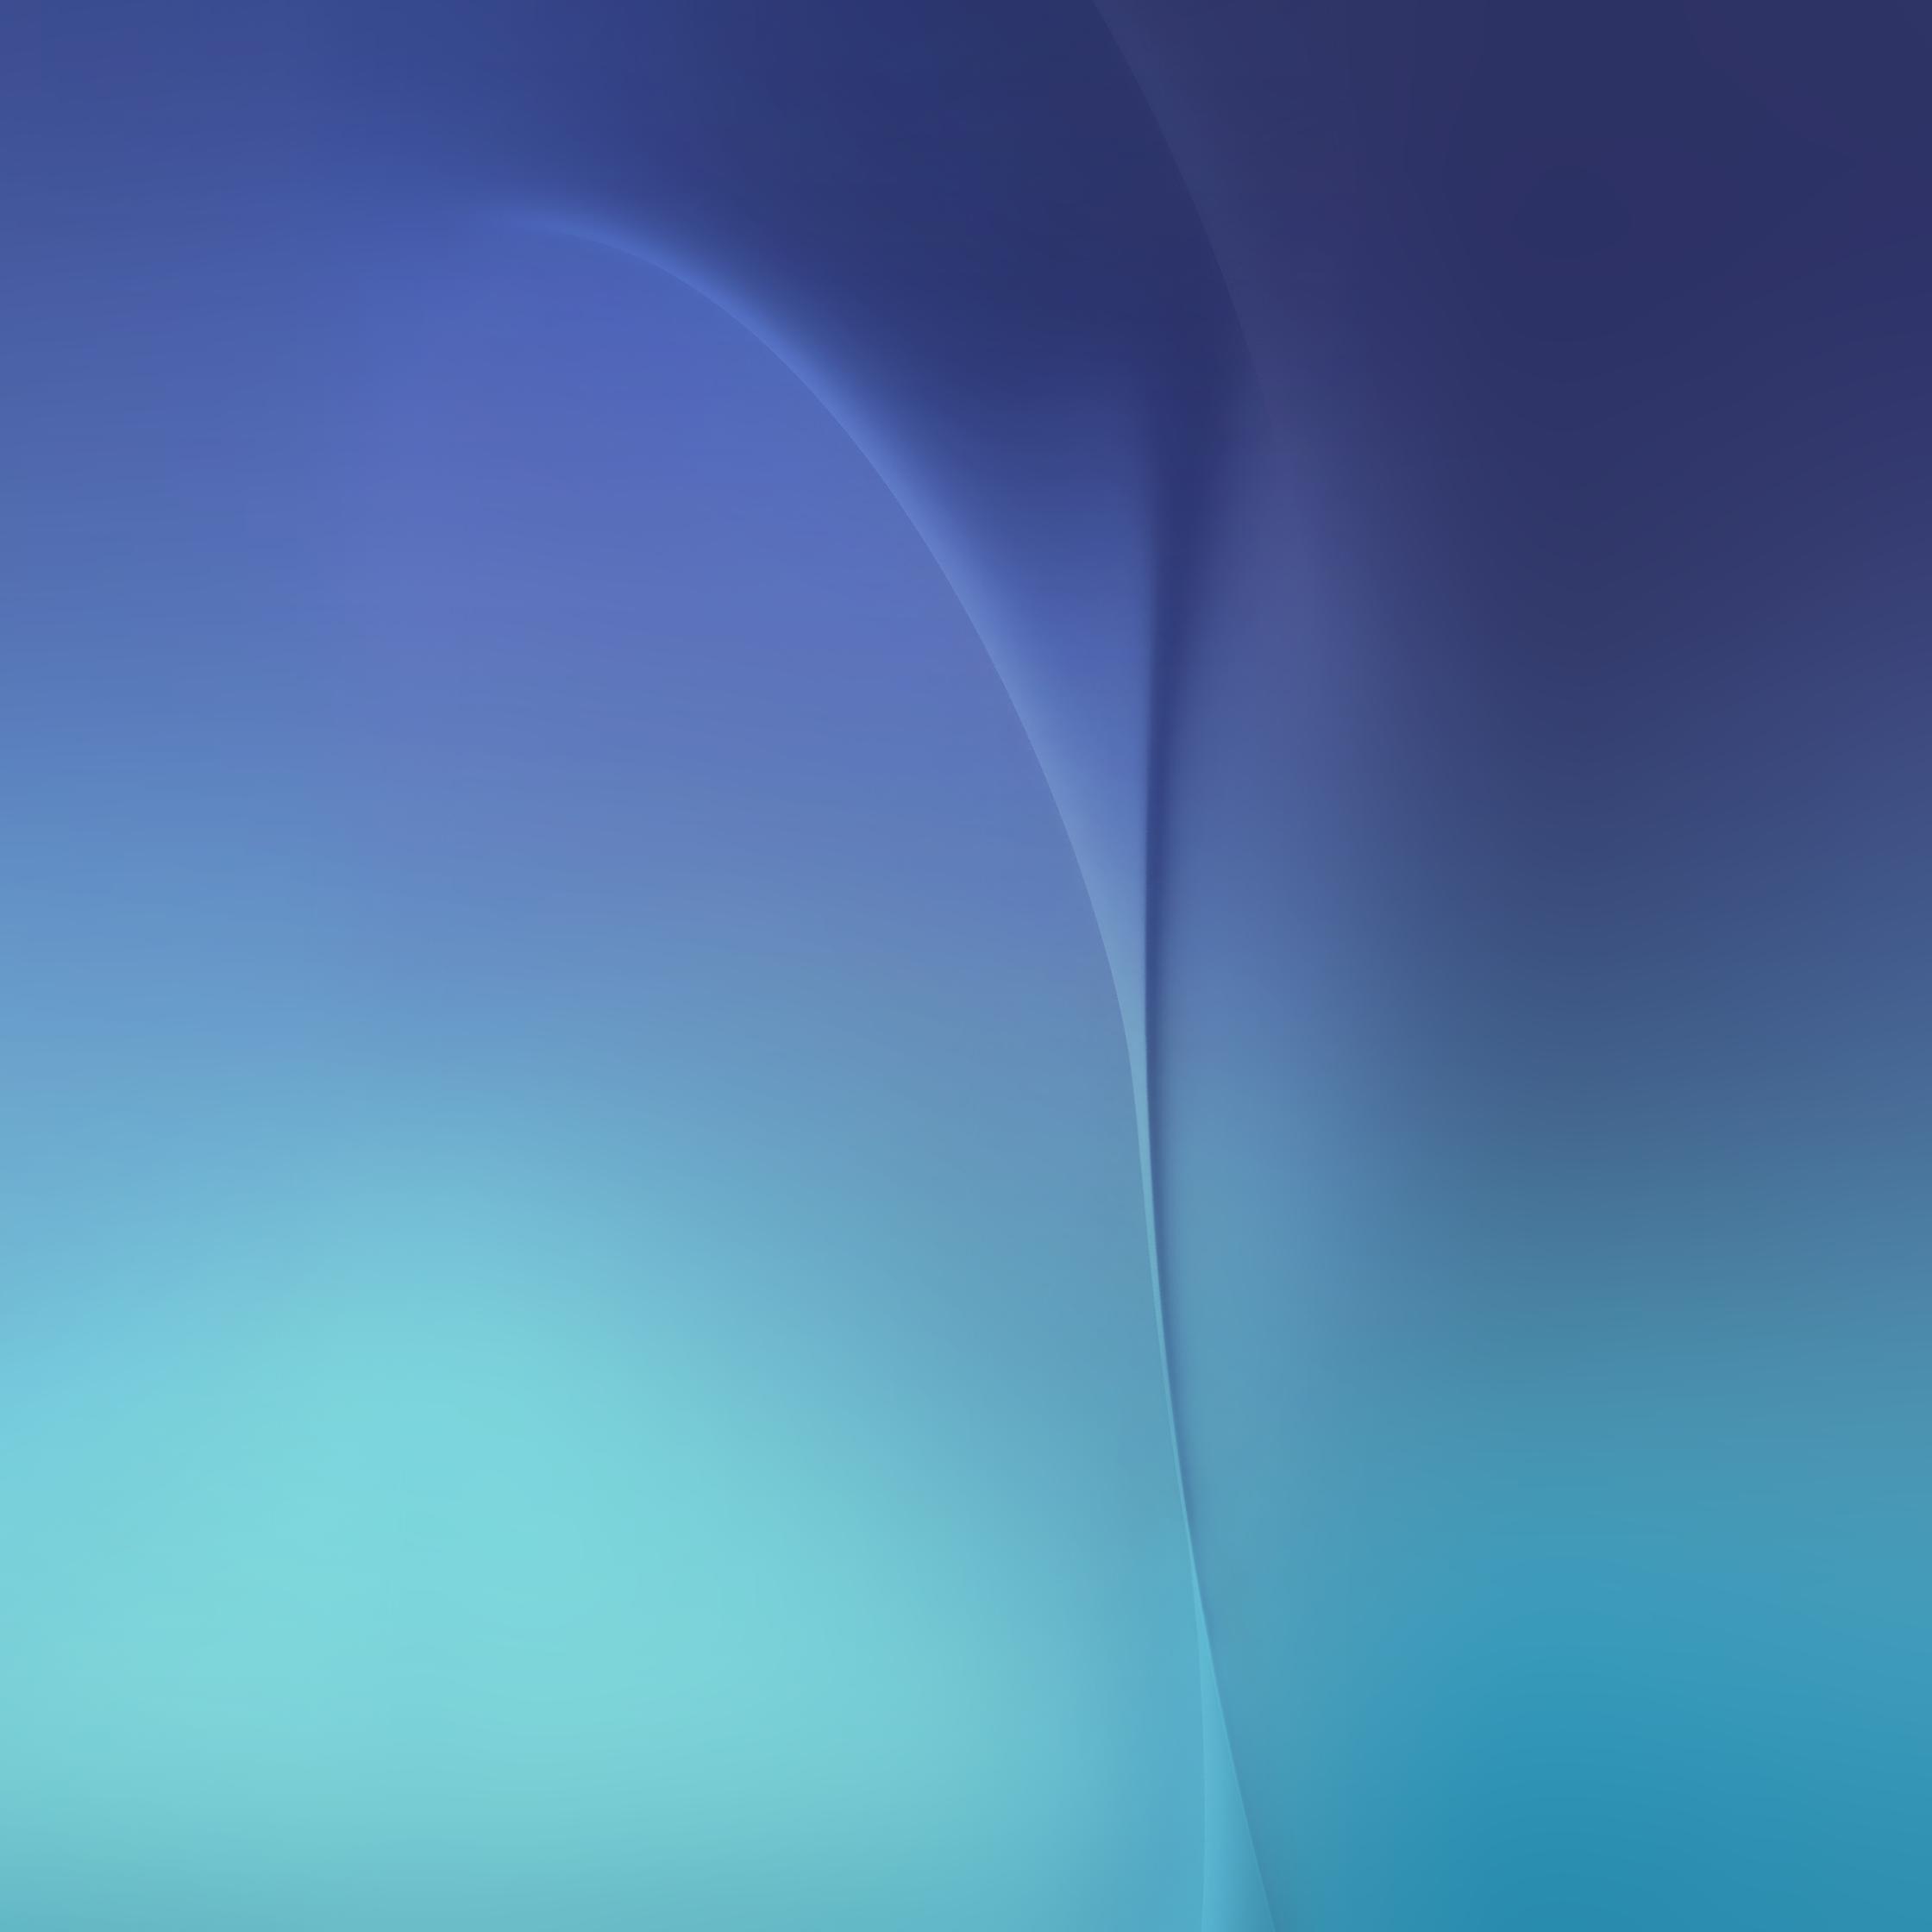 خلفيات Samsung Galaxy S6 أندرويد للعرب